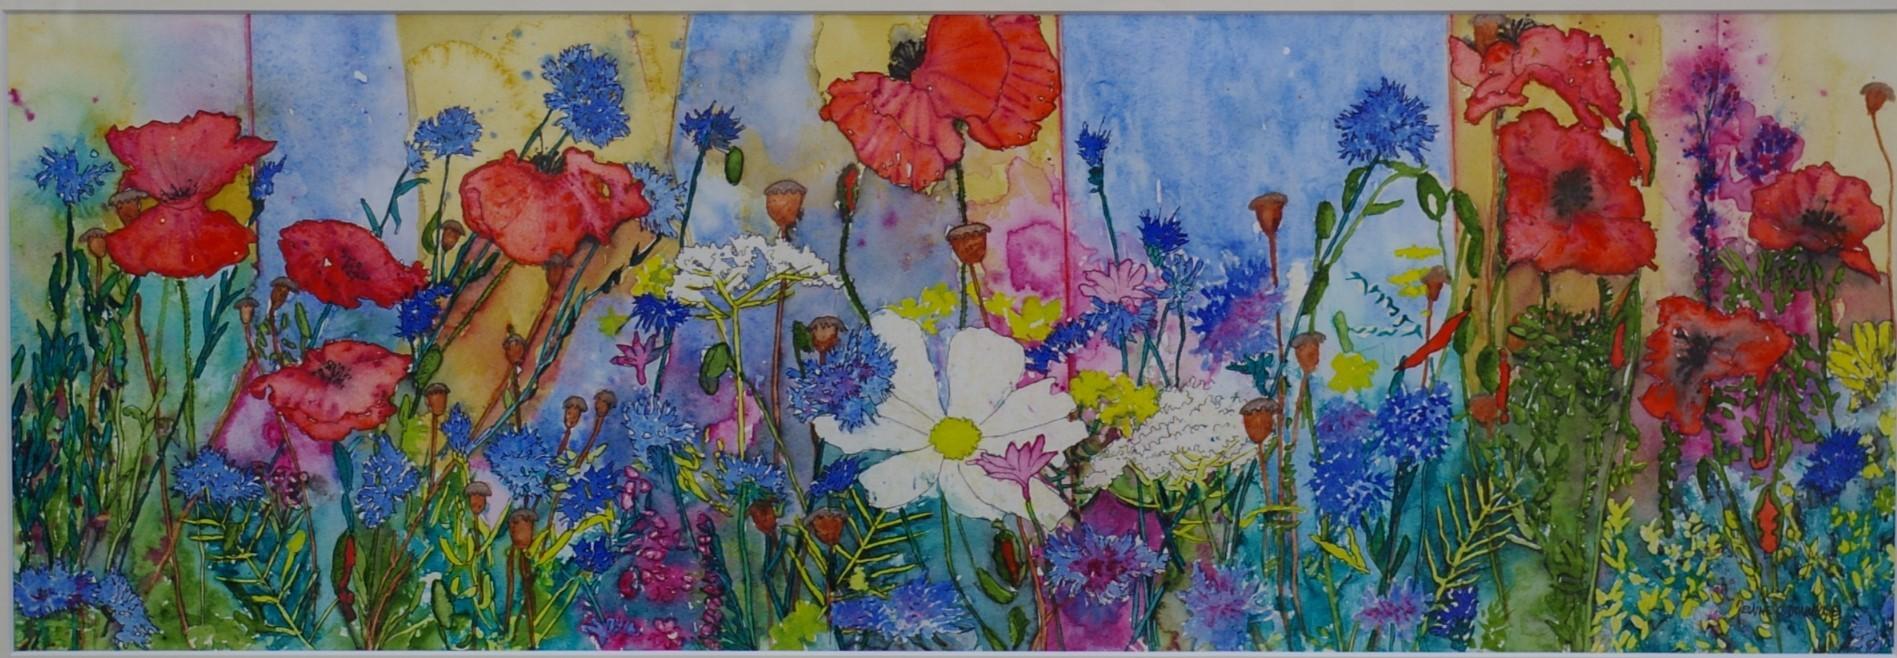 Poppy Meadow  sold